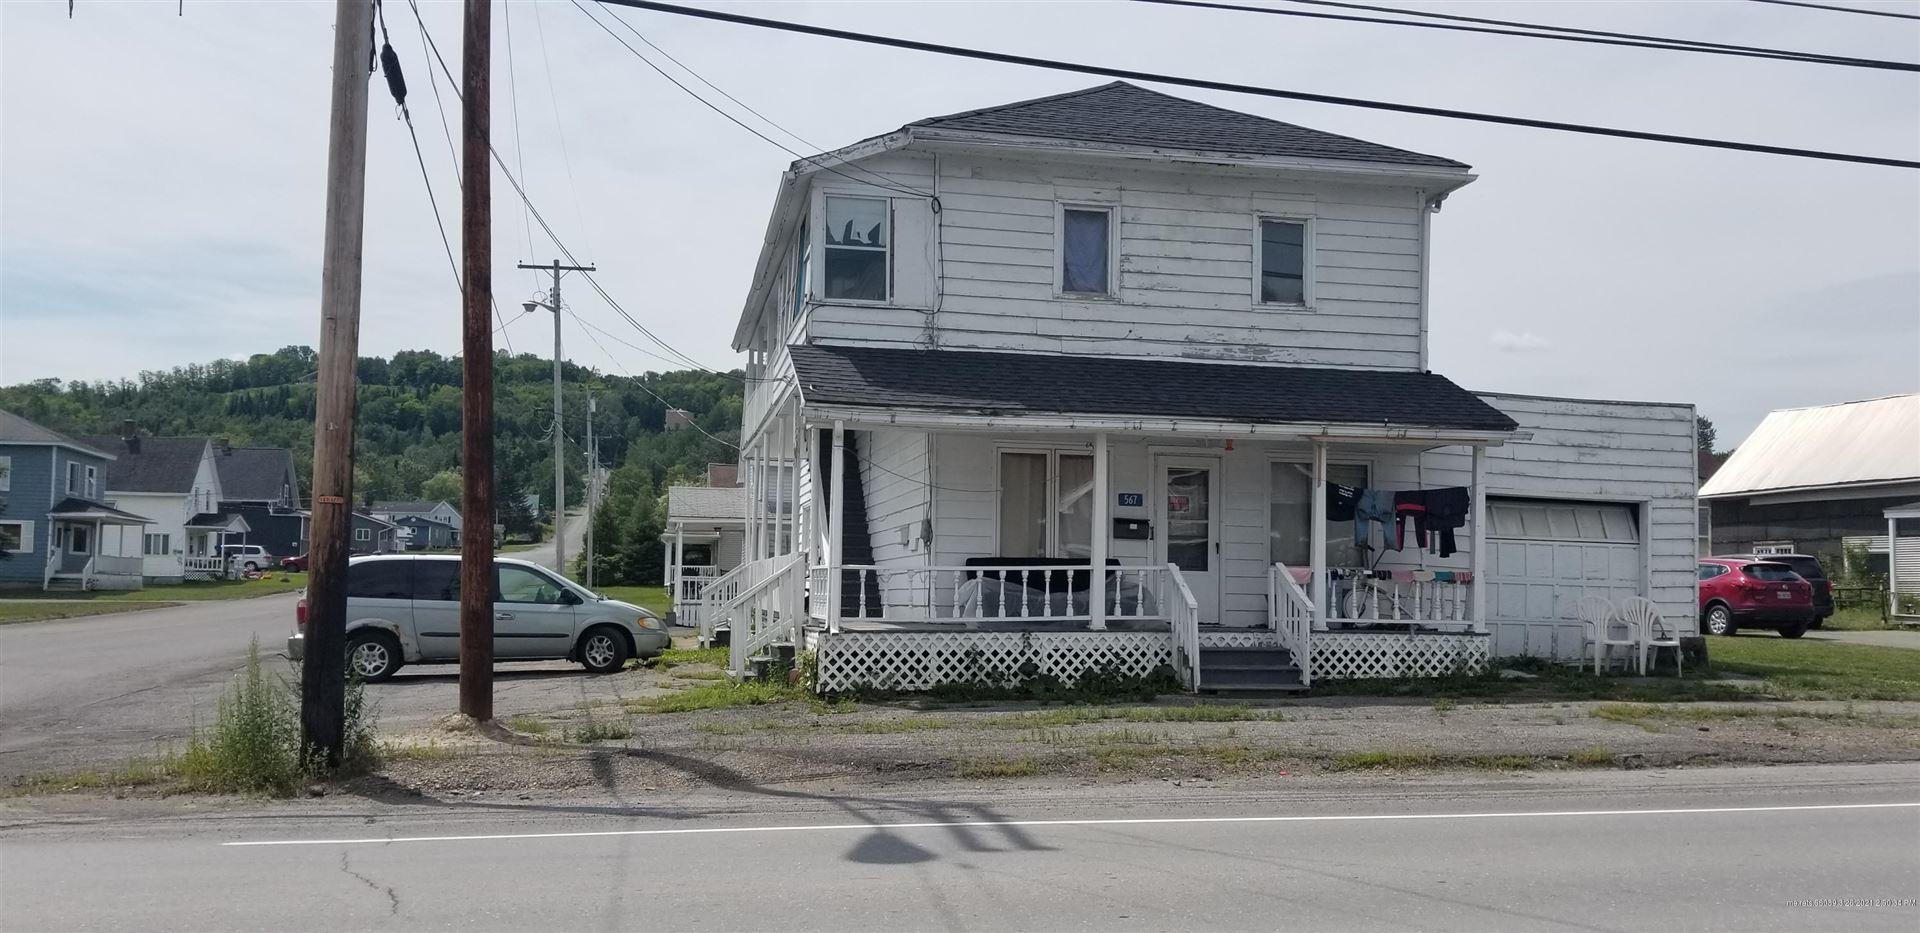 Photo of 567 Main Street, Van Buren, ME 04785 (MLS # 1485556)